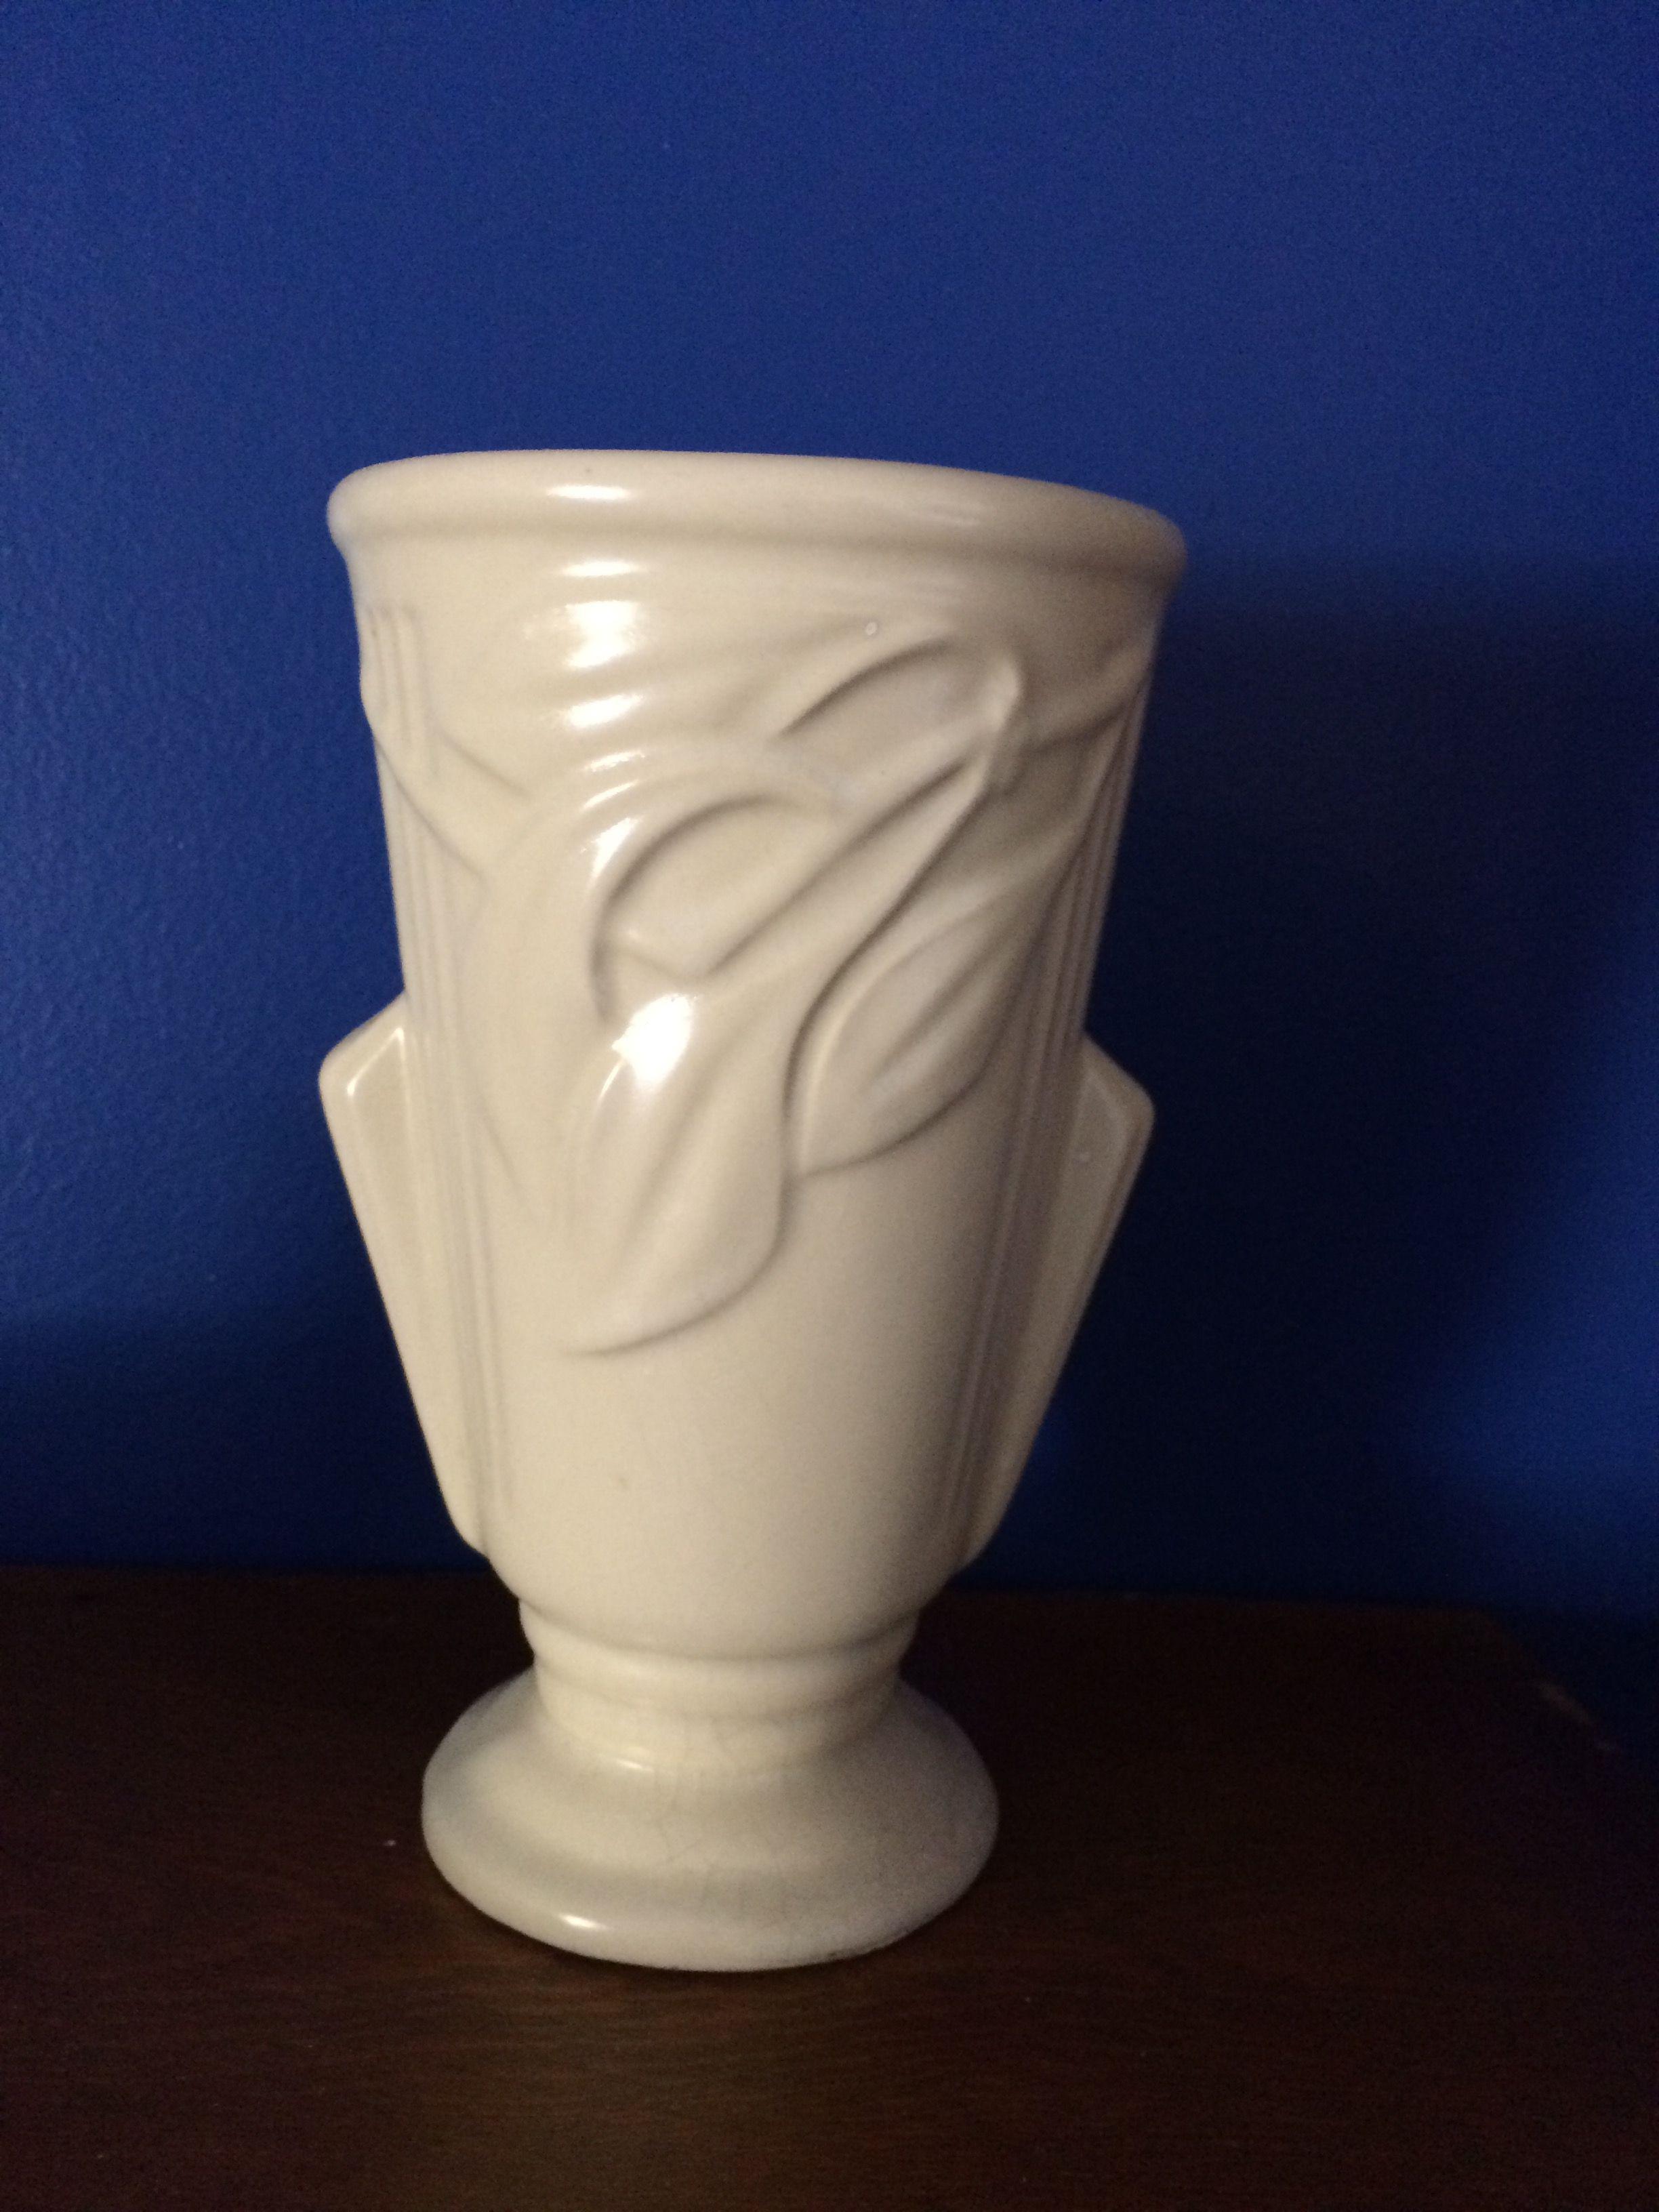 Porcelain Vases for Sale Of White Vases for Sale Elegant Pin by Eugene Hollon On Art Deco White In White Vases for Sale Elegant Pin by Eugene Hollon On Art Deco White Vases Pinterest